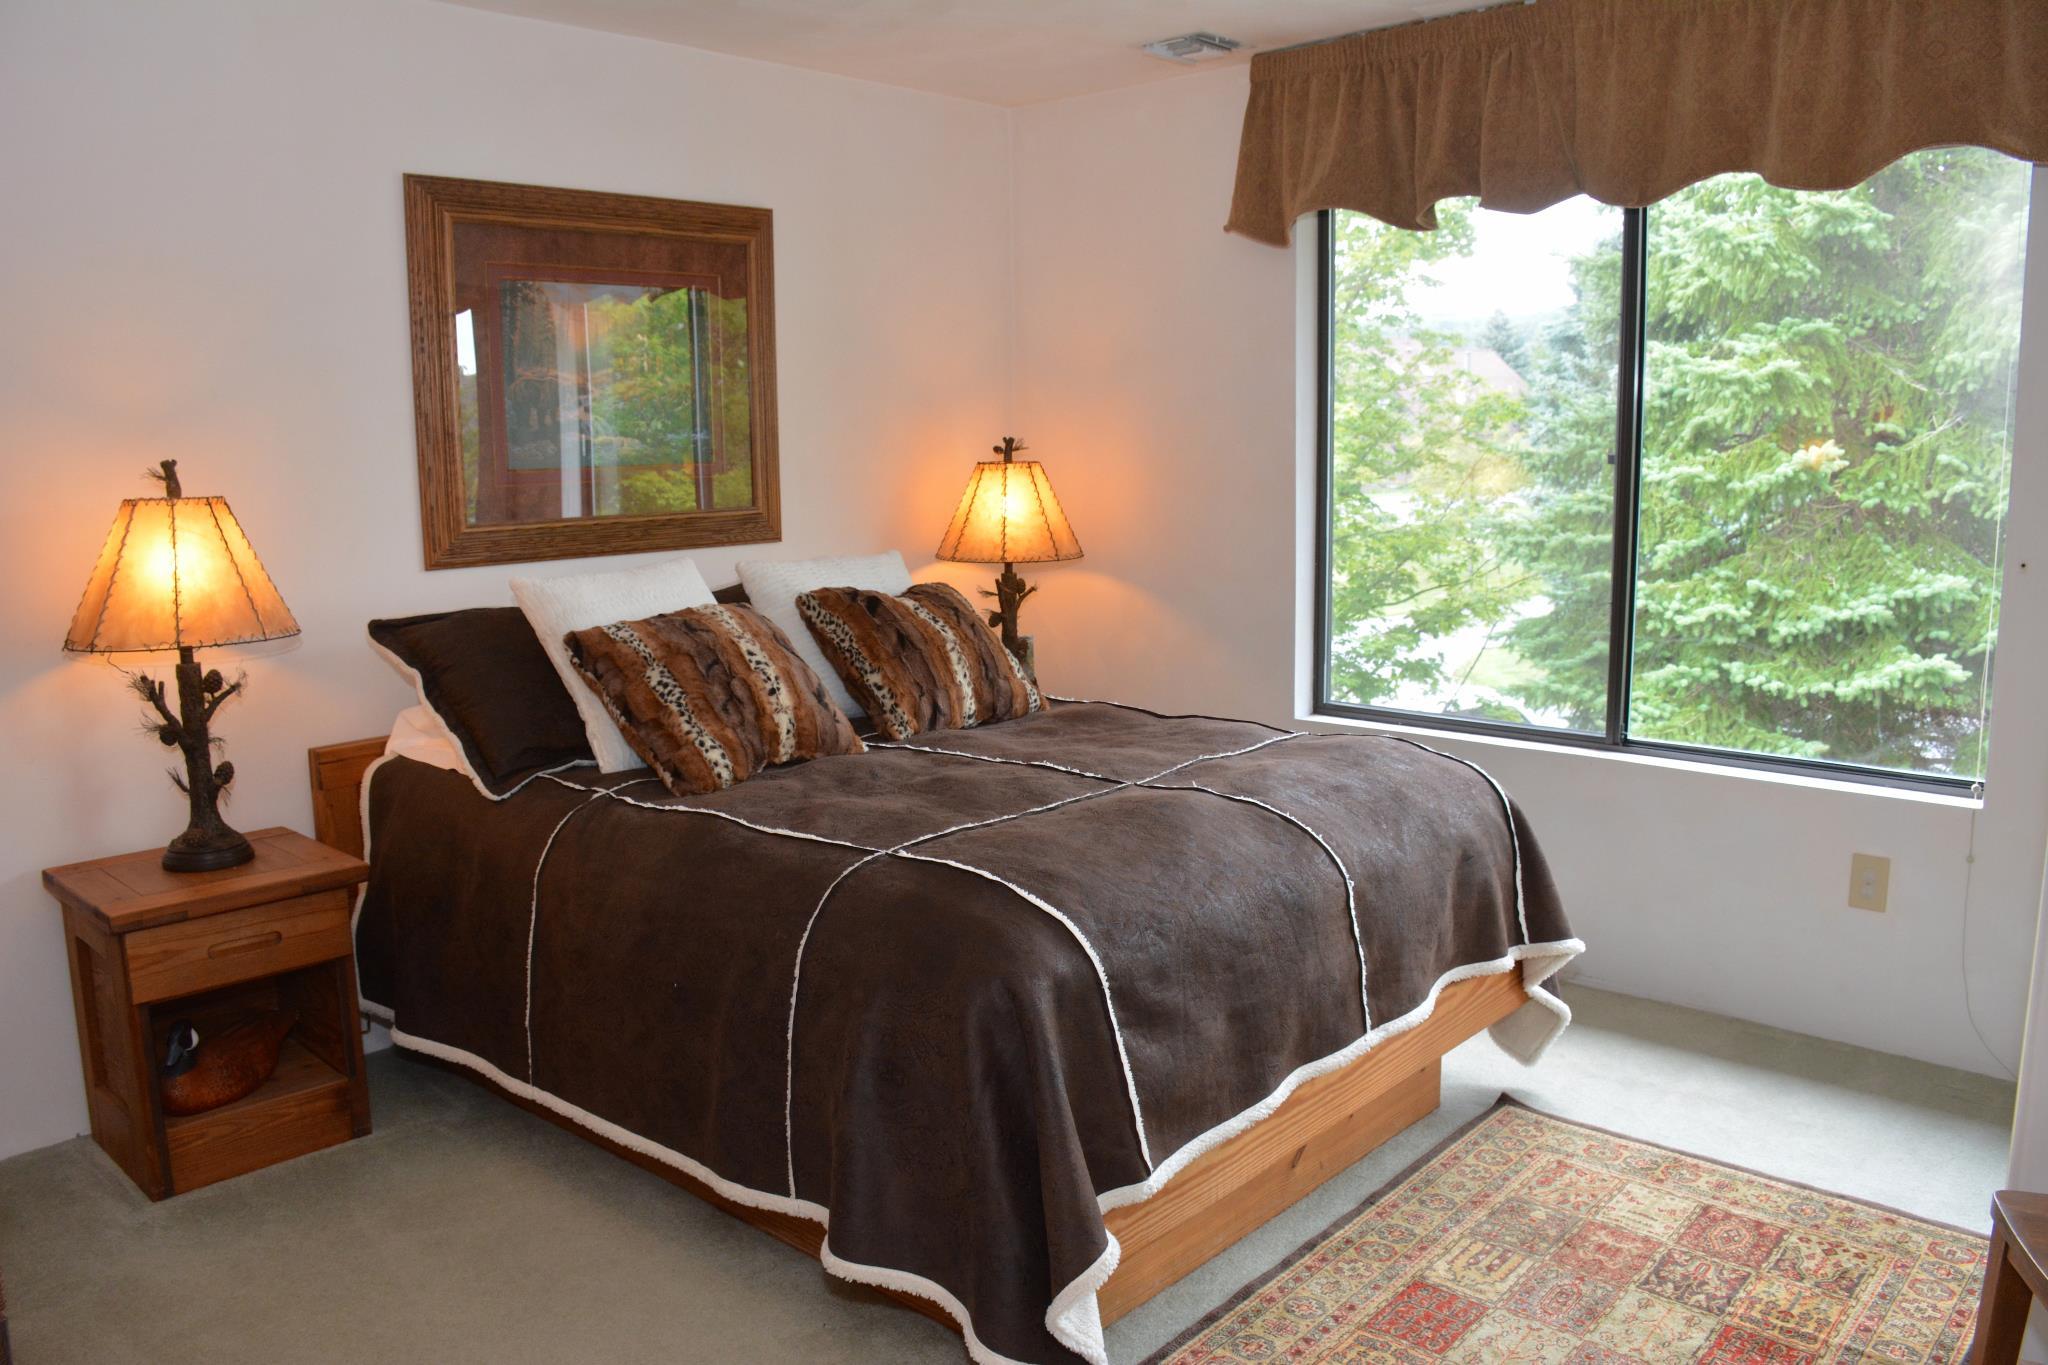 sample photo ks bedroom 3.JPG